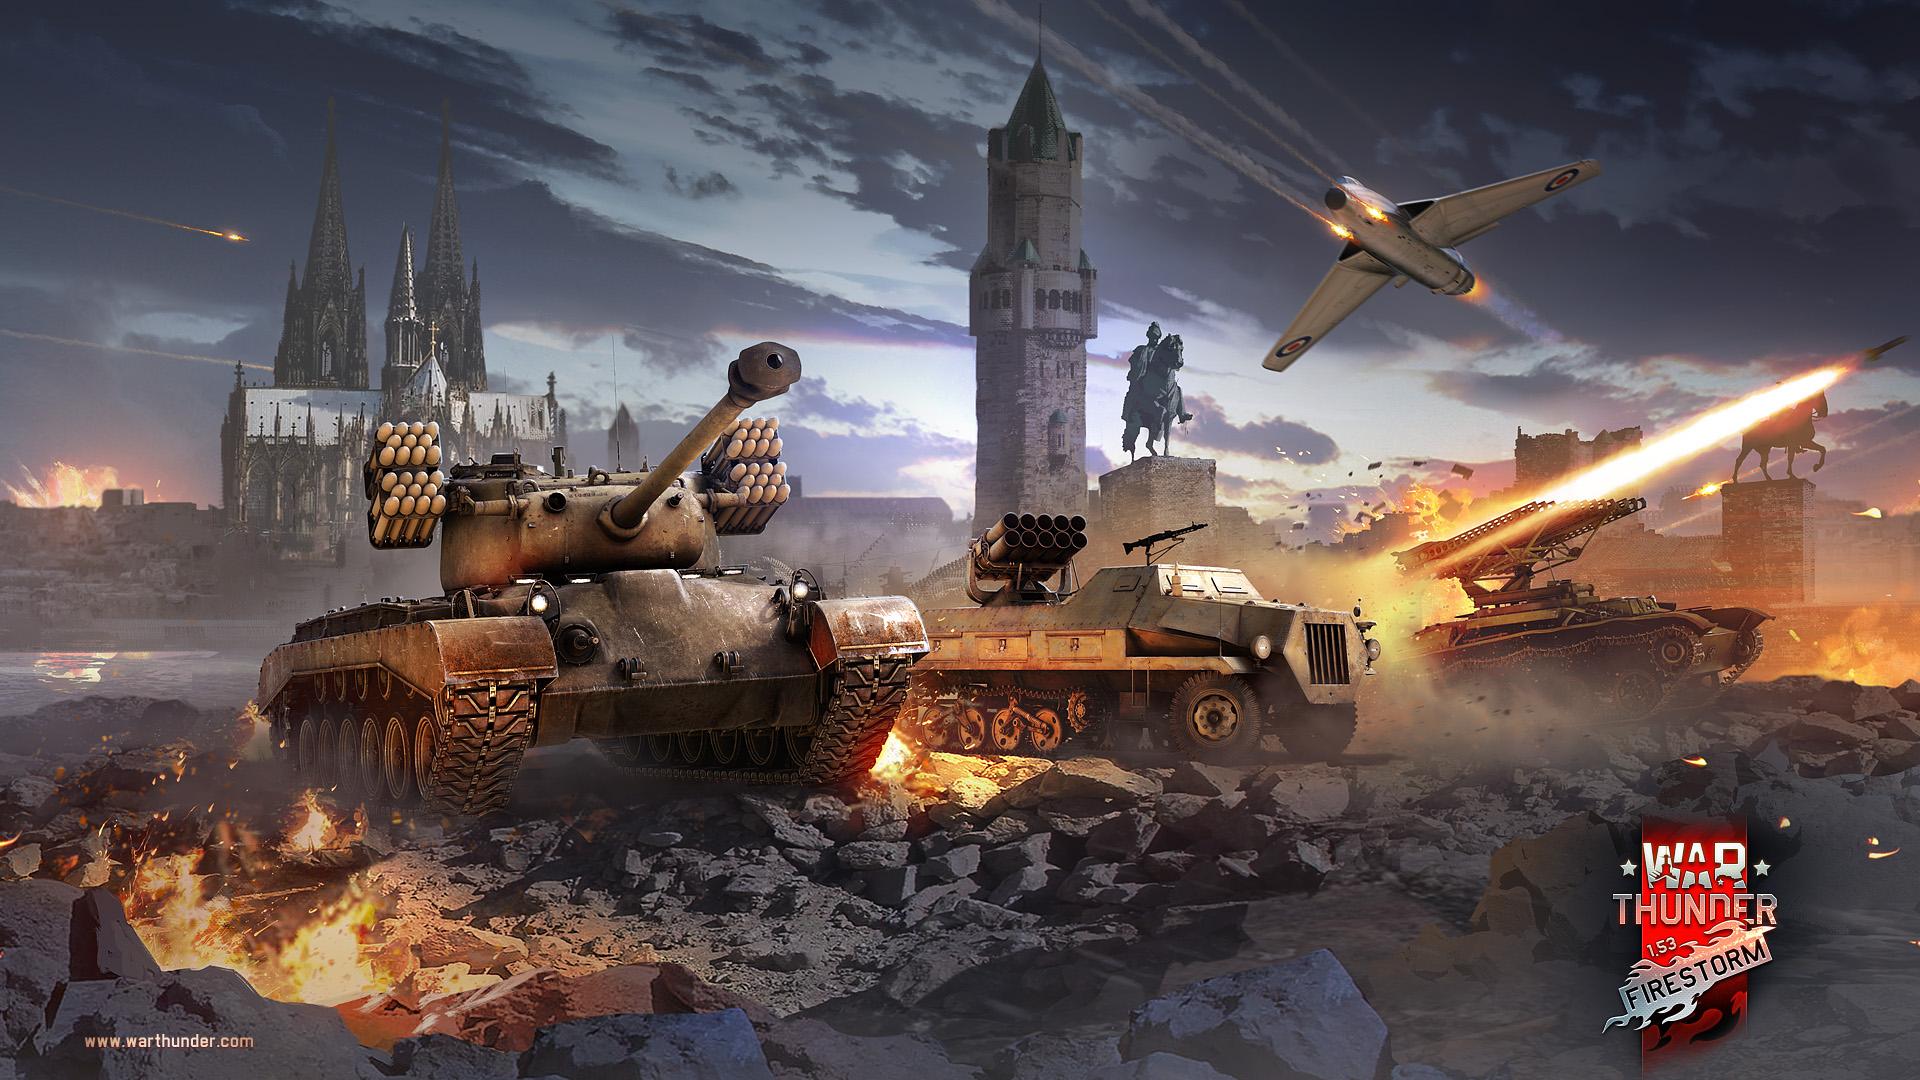 [Development] War Thunder: Update 1.53 'Firestorm'